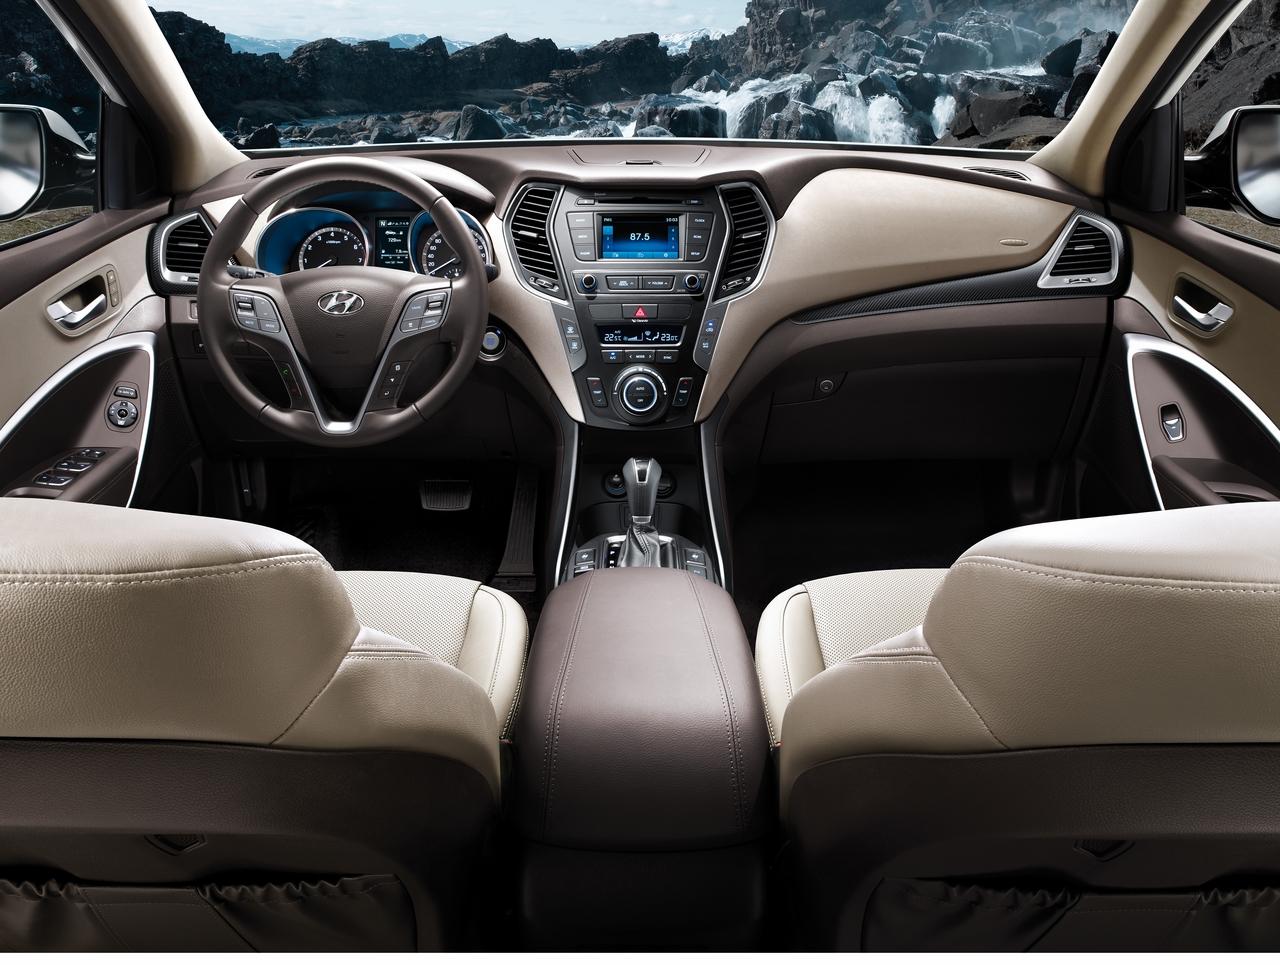 Hyundai Santafe 2017 đánh giá sơ bộ ban đầu